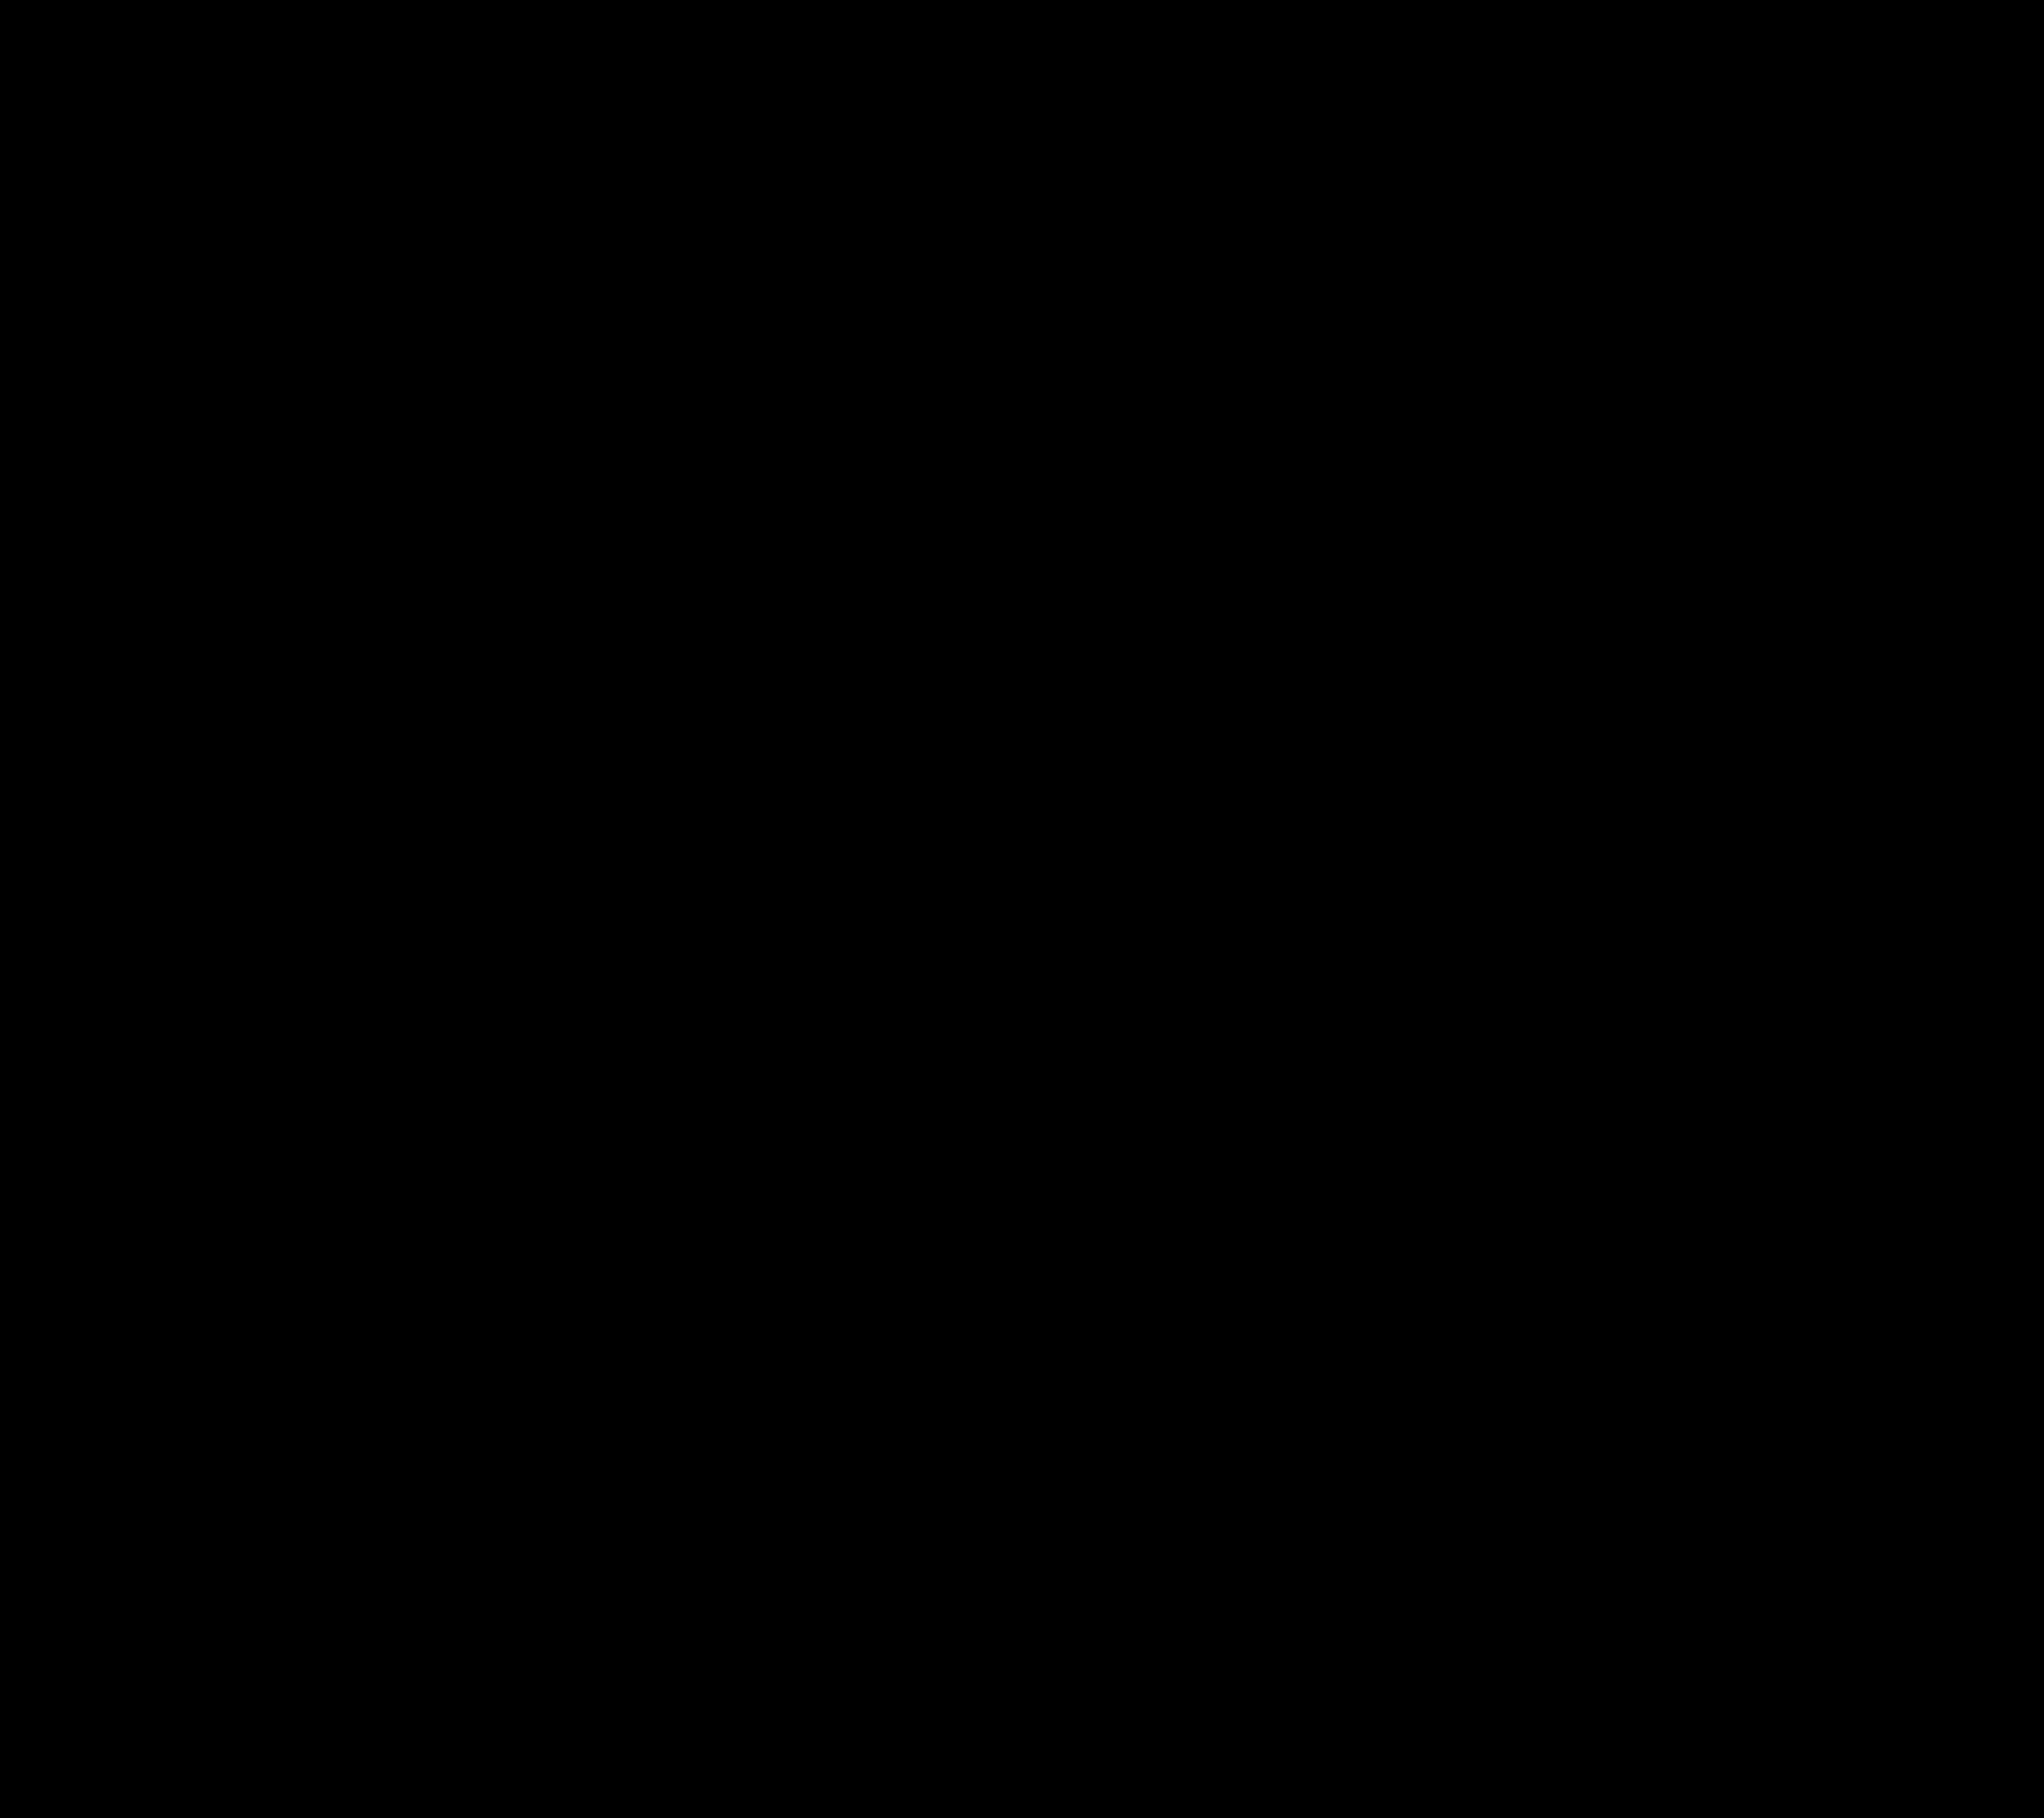 Prisma logo clipart graphic black and white Prisma Labs – Logos Download graphic black and white